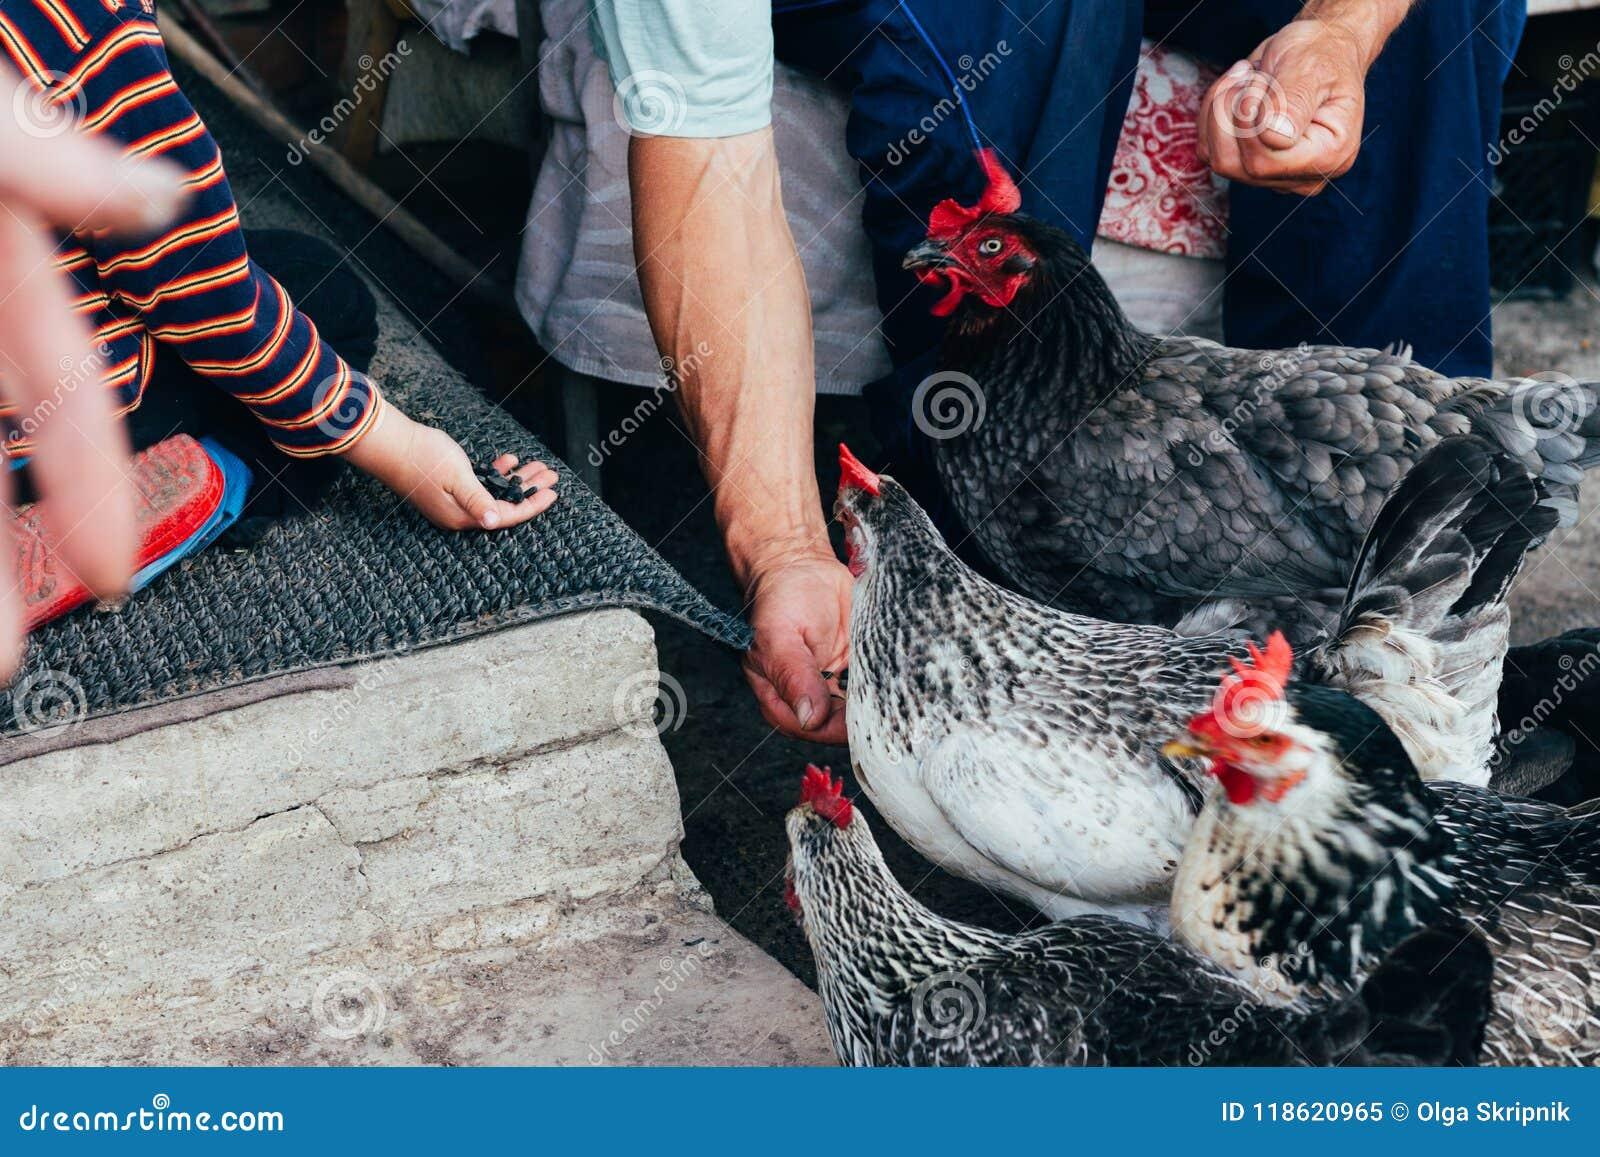 Kip het voeden de jongen en de mens worden gevoed van handen een zwarte kip met een rode kam